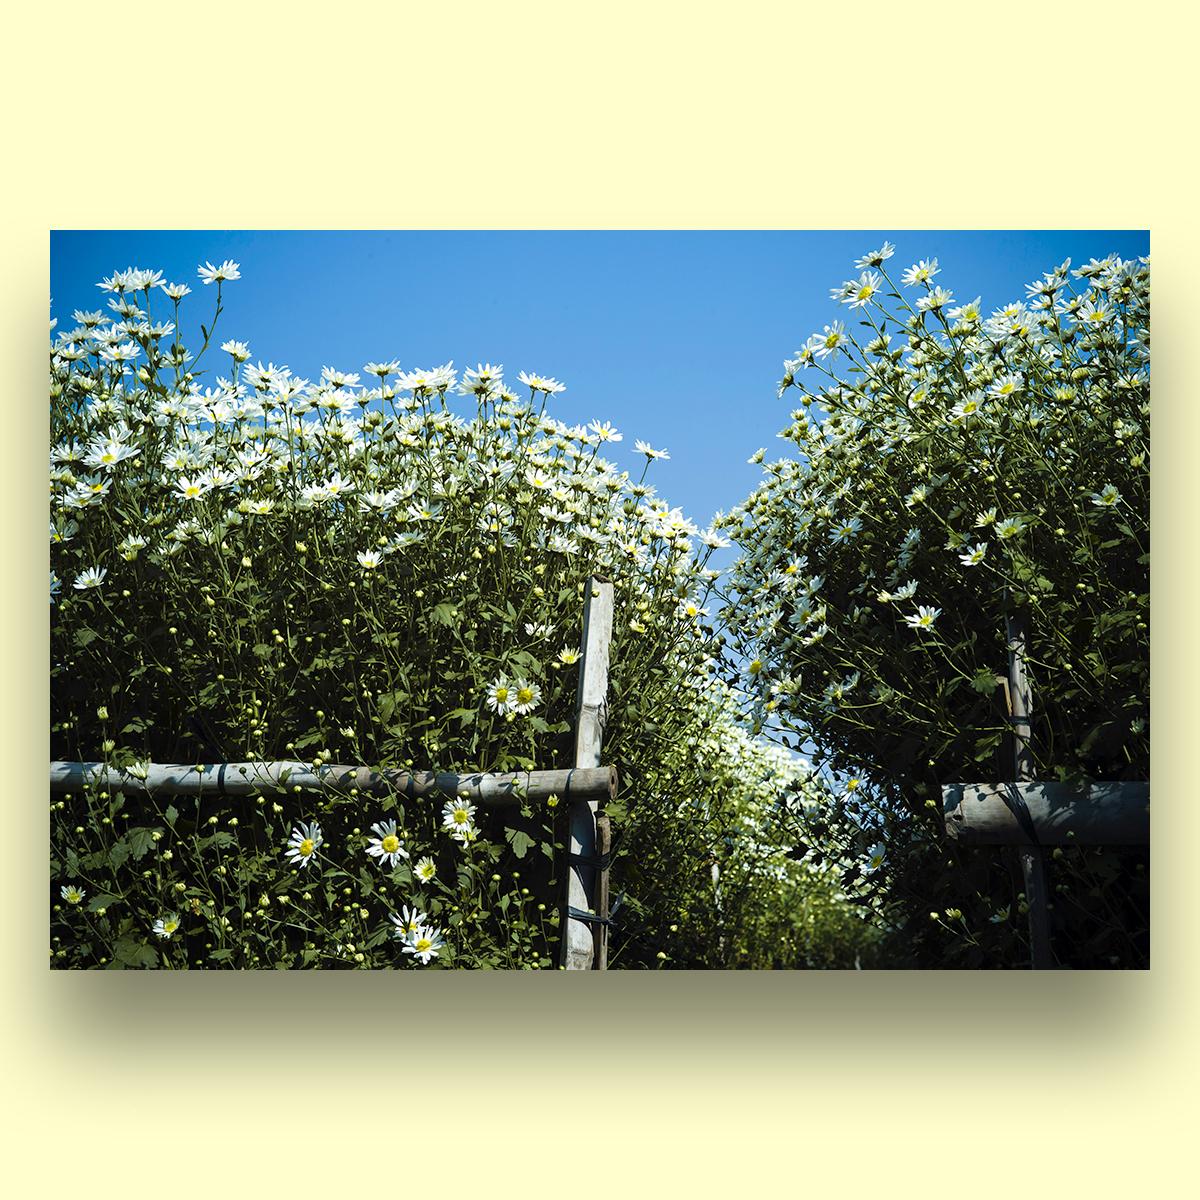 Tranh Trang Trí Treo Tường Canvas Hoa Cúc Hoạ Mi Hà Nội - Công Nghệ In UV Nhật Bản - Màu Sắc Đẹp Rõ Nét